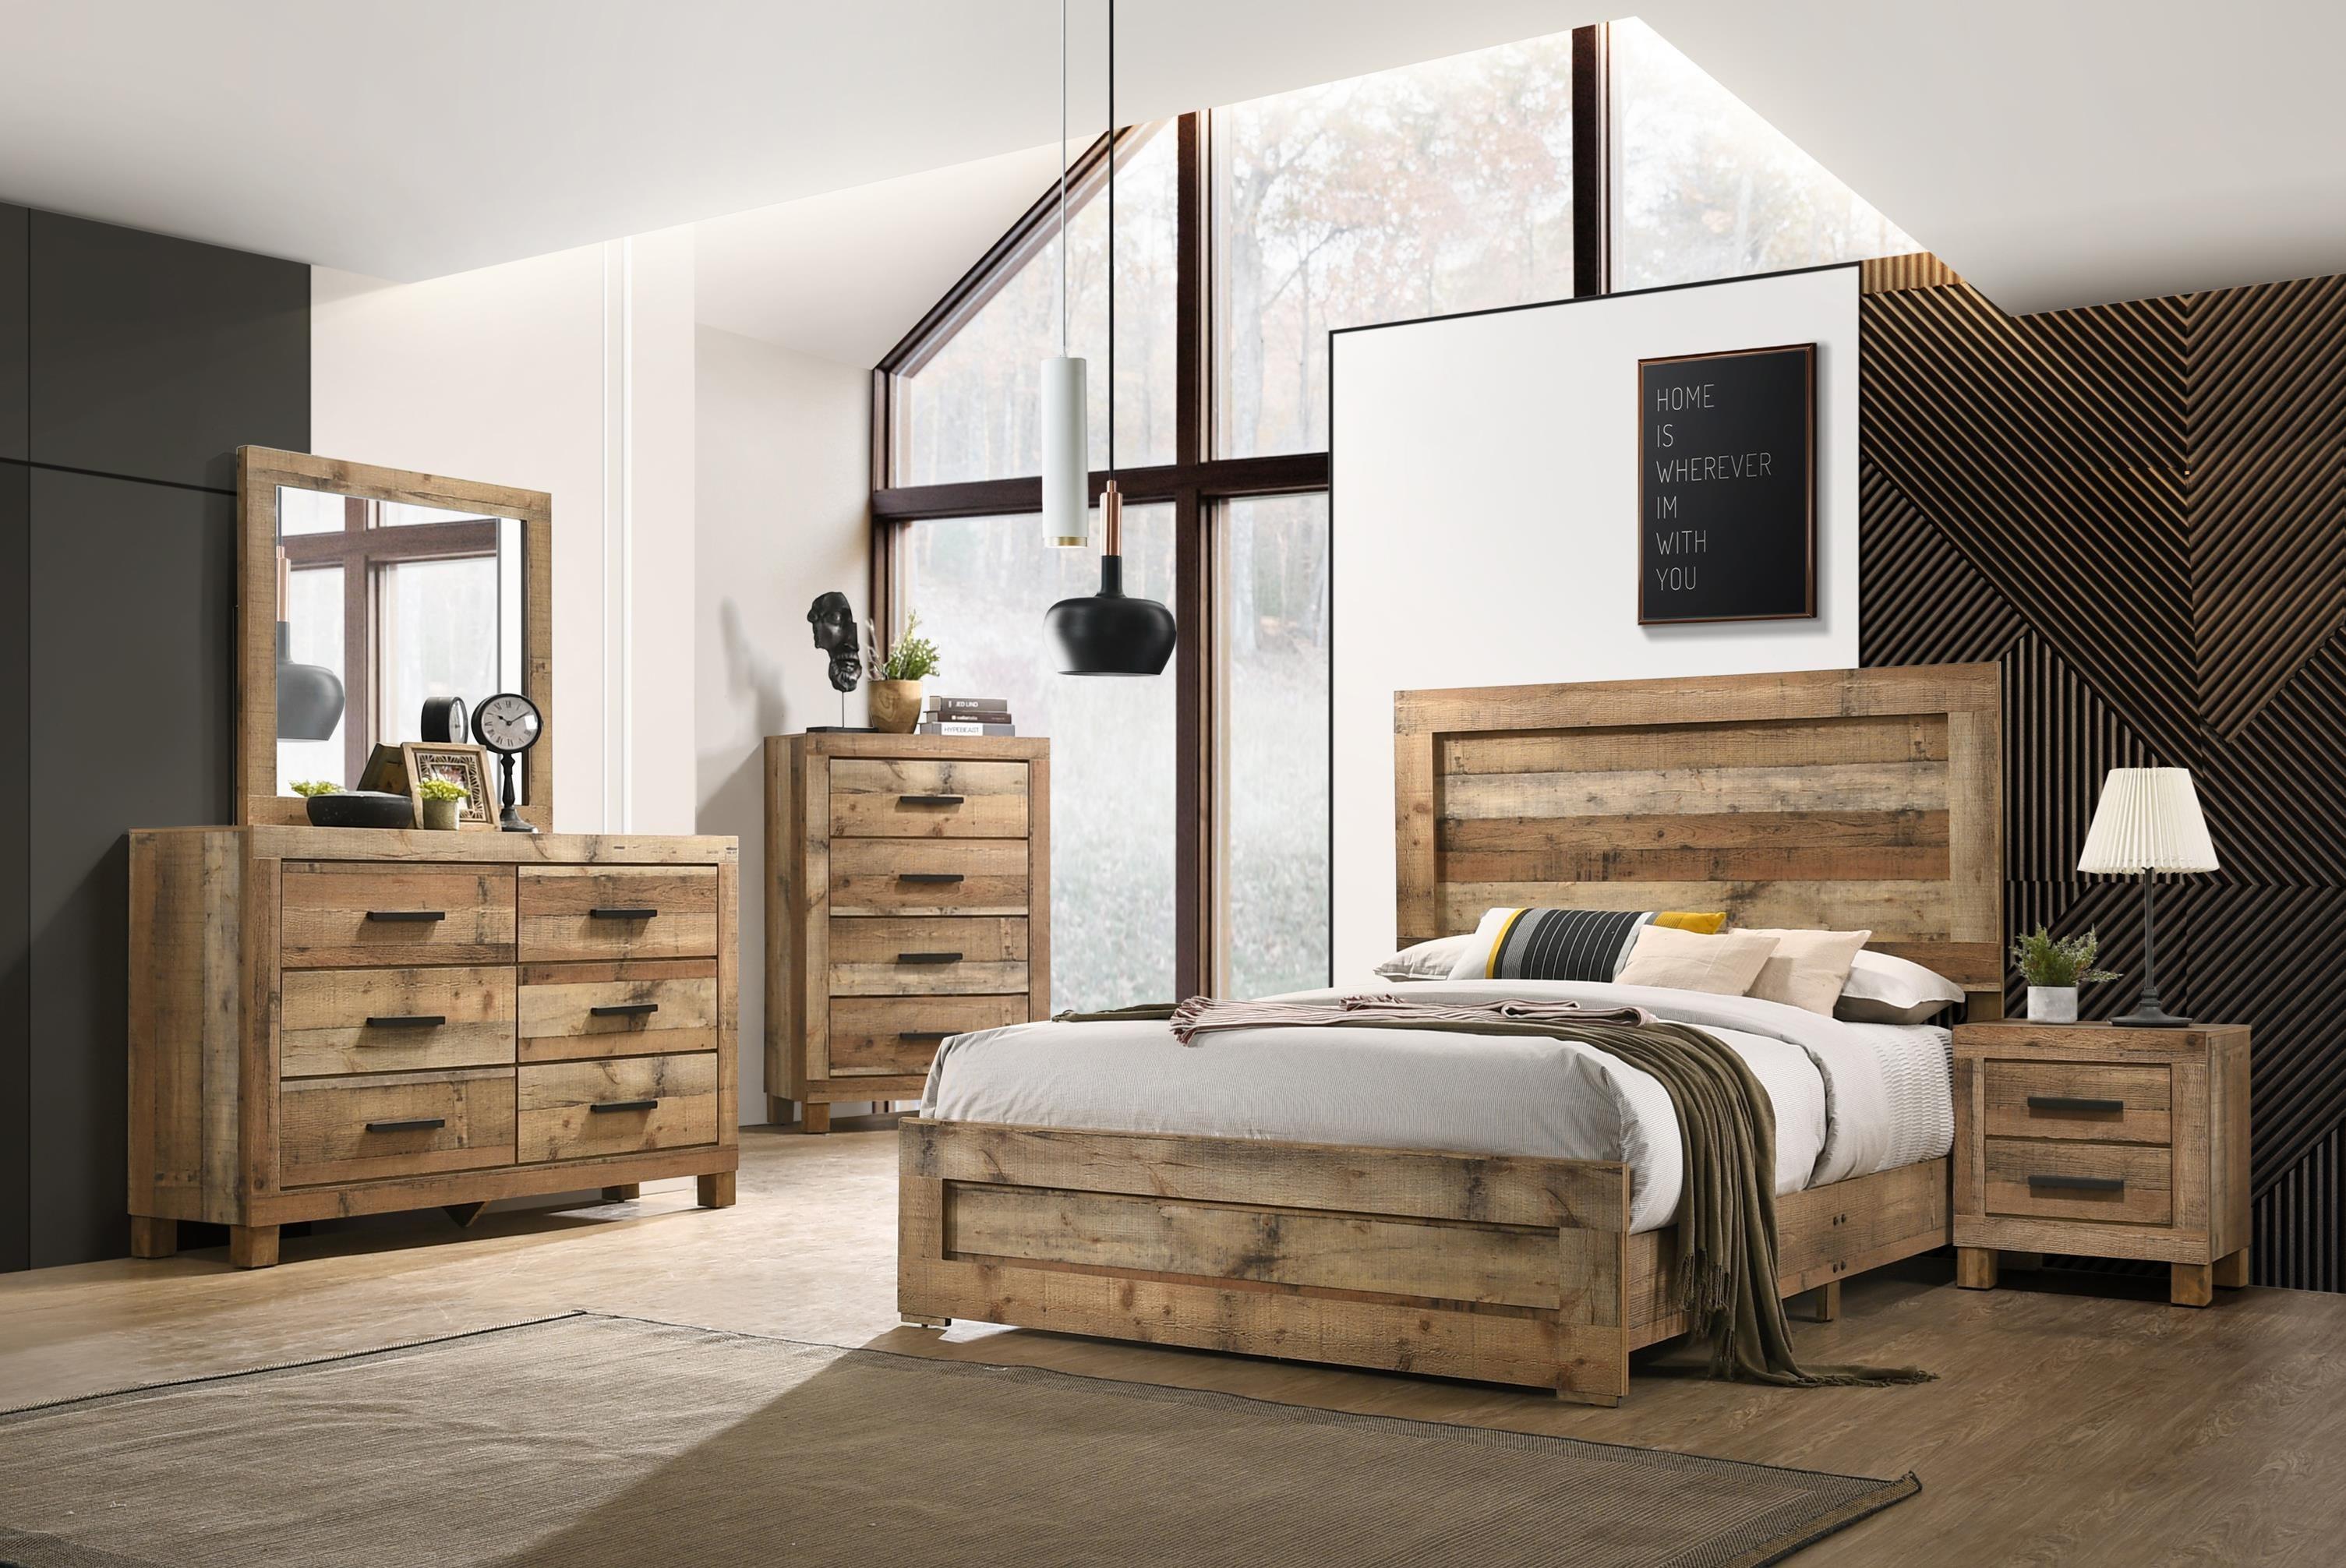 6 Piece Full Bedroom Set